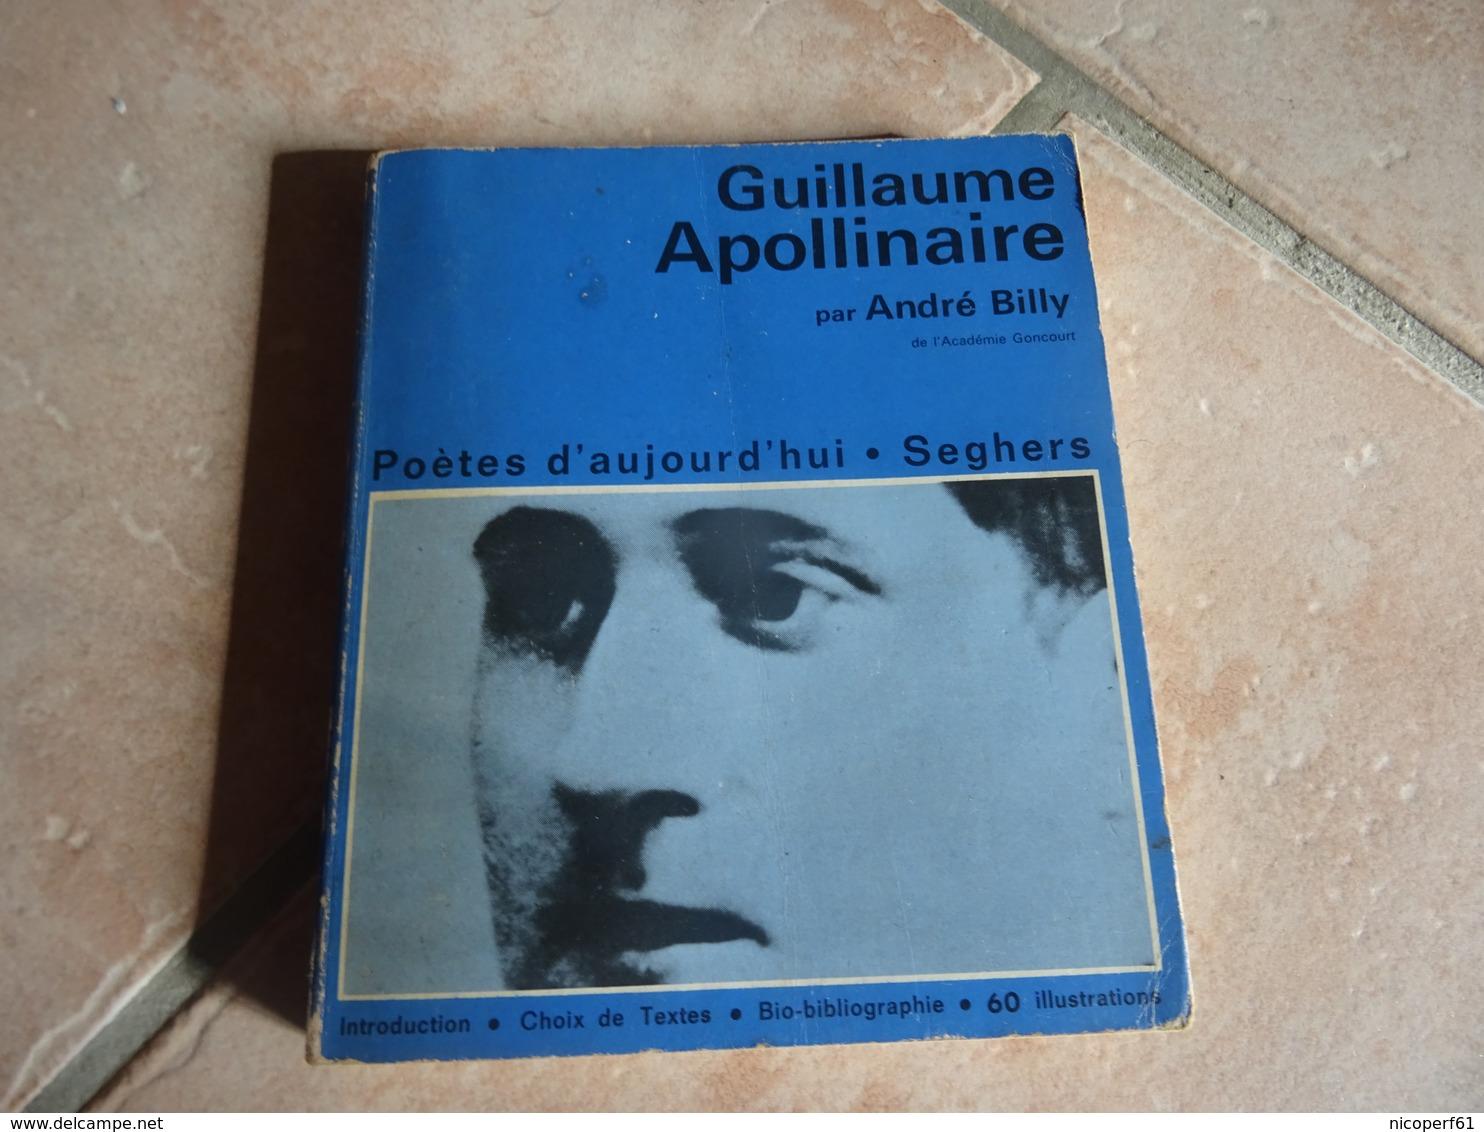 Guillaume Apollinaire Par André Billy - Poésie